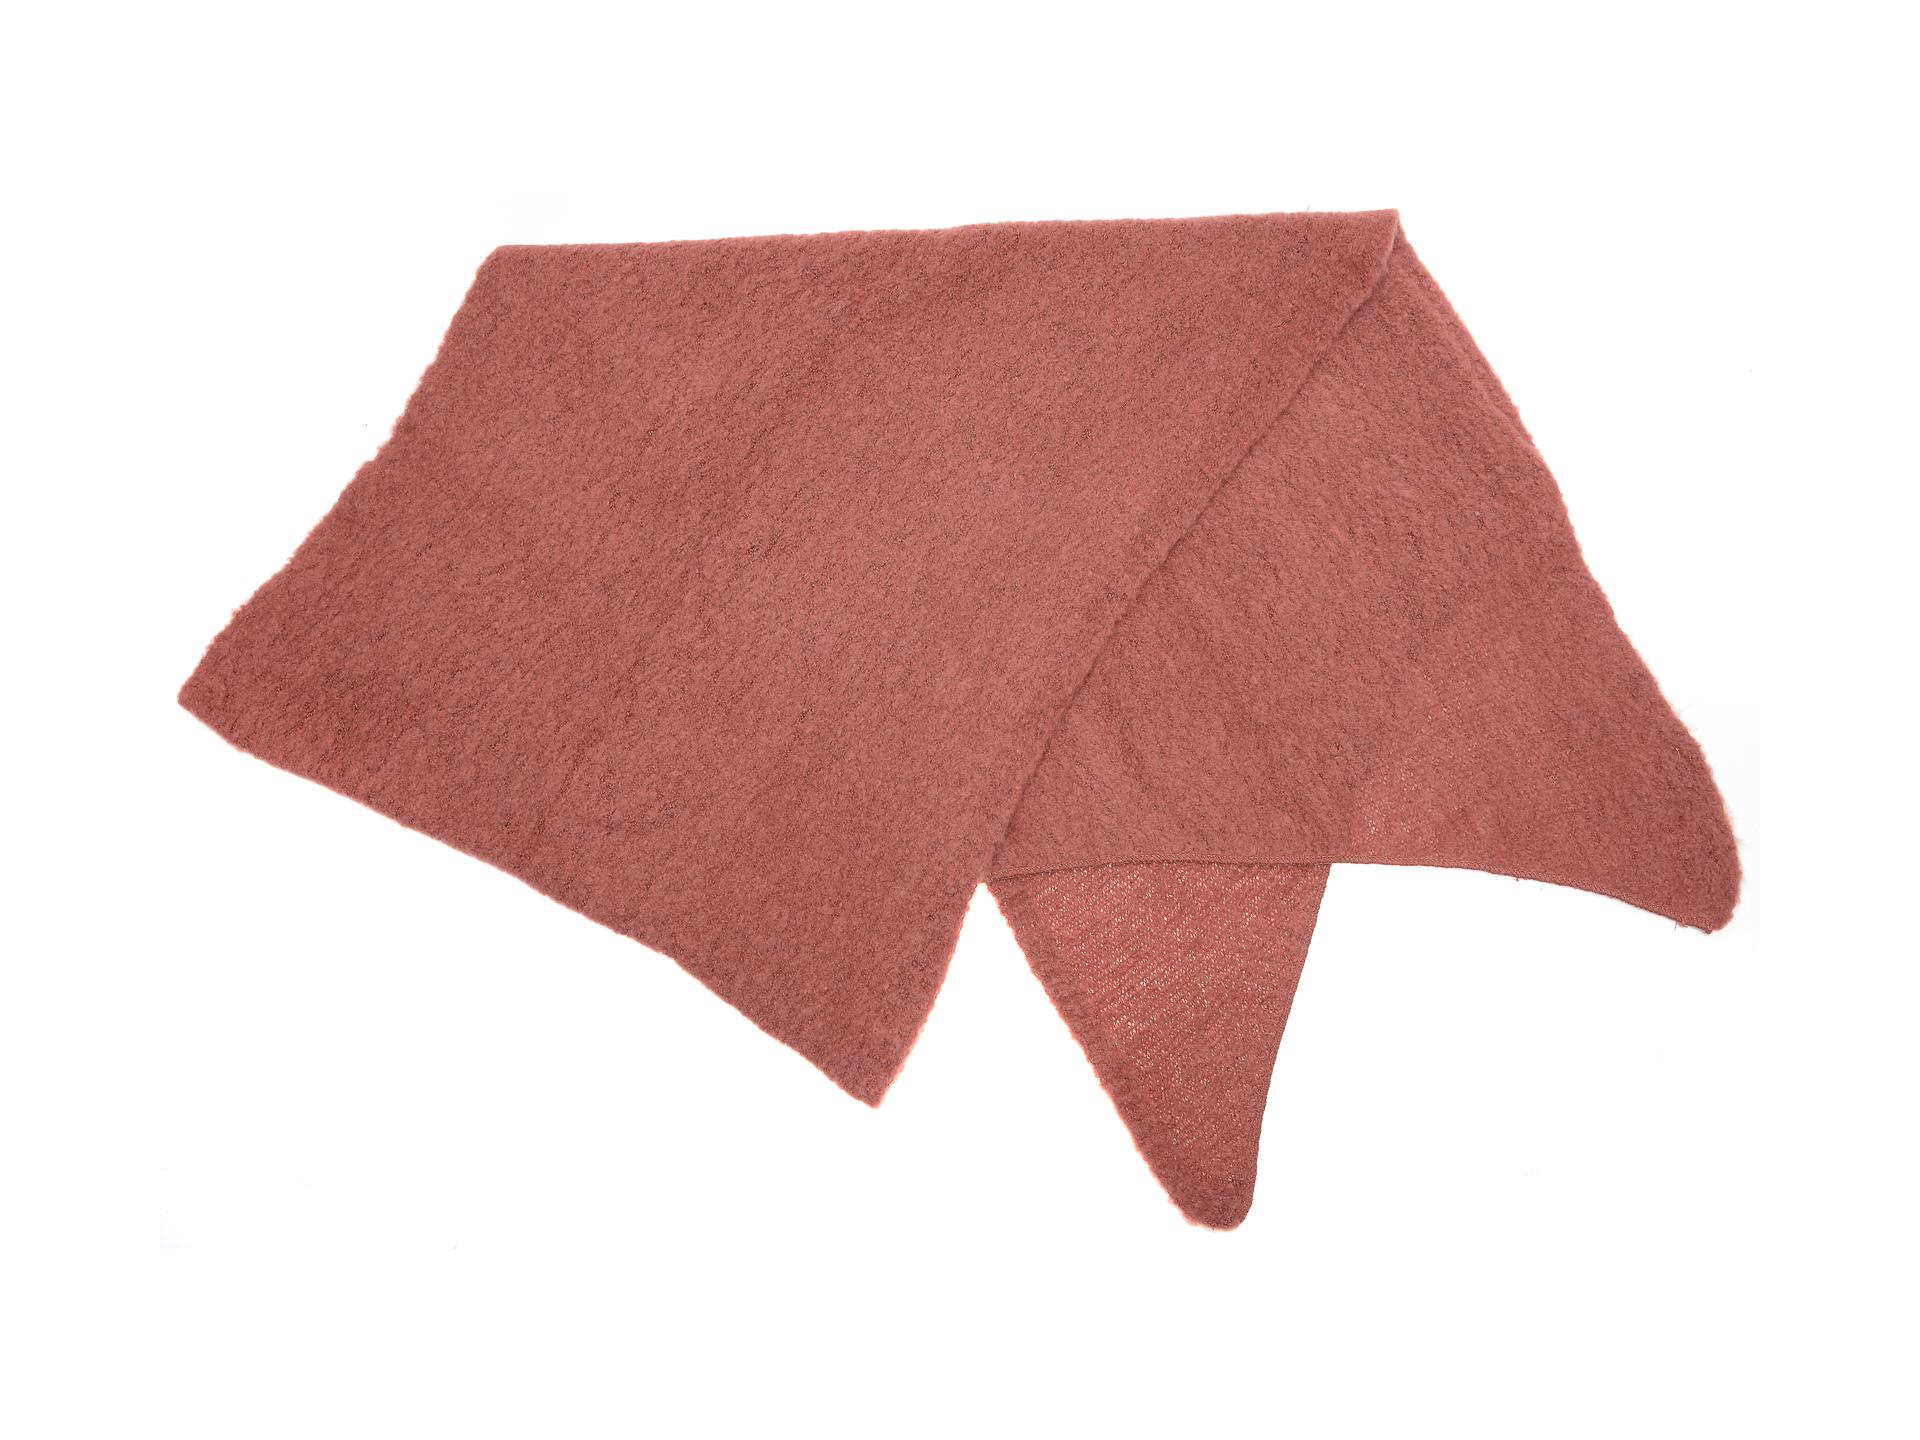 Esarfa ALDO maro, Belorfiwien650, din material textil New